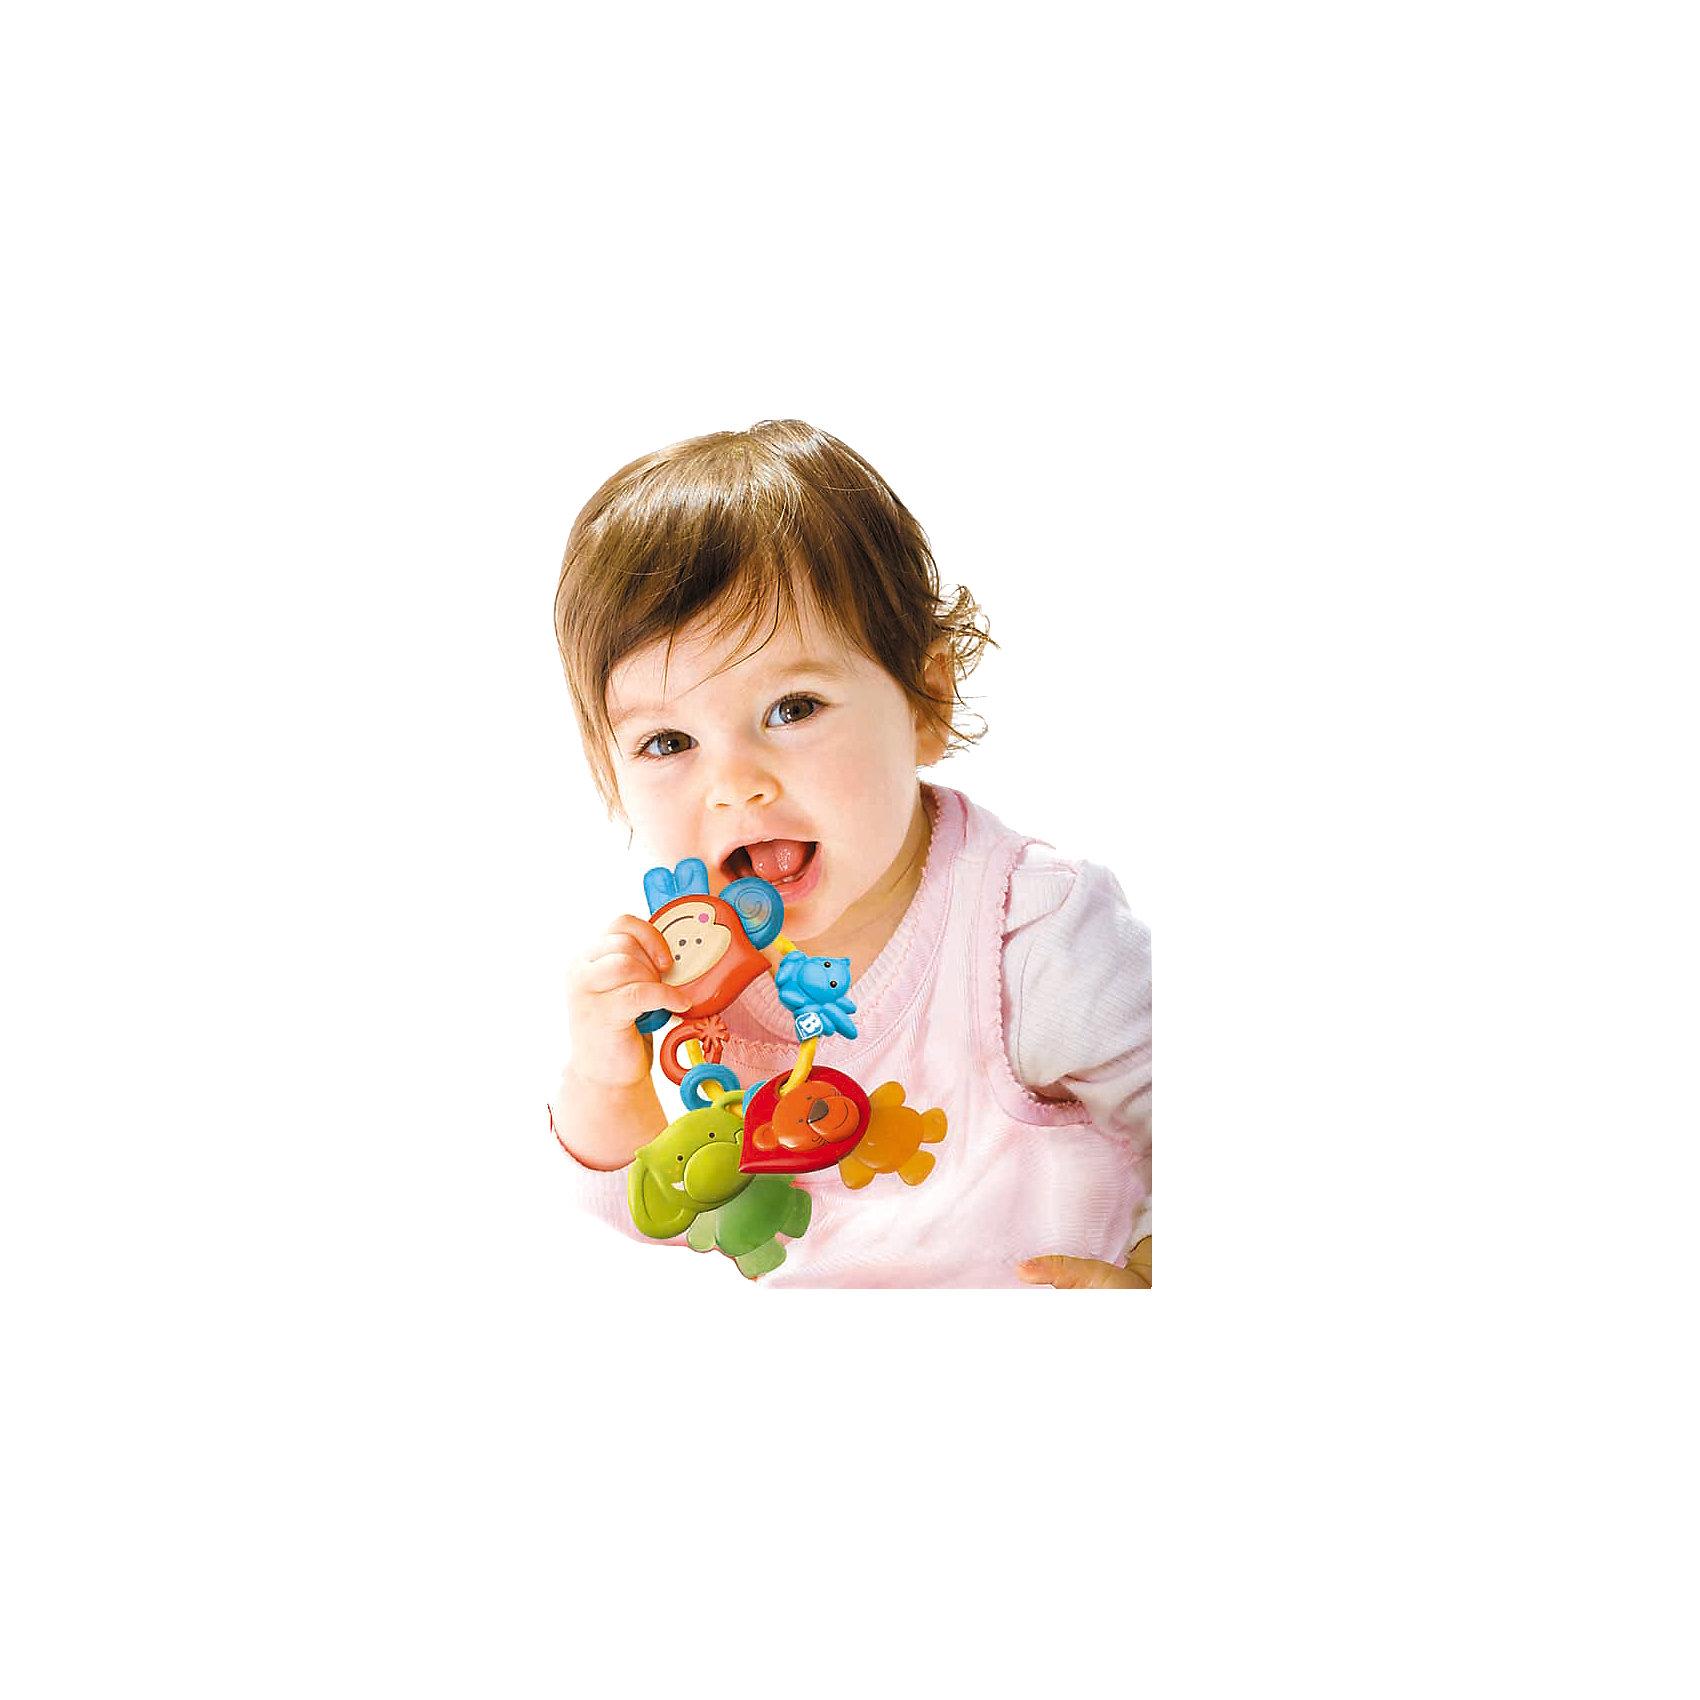 Игрушка Листочки, BkidsПрорезыватели<br>Игрушка Листочки, Bkids (Б Кидс) представляет собой три прорезывателя, закрепленных на кольце. Прорезыватели сделаны в виде забавных животных: слоника, обезьянки и  львенка. Яркие игрушки понравятся ребенку и помогут начать изучение цветов. Игрушка изготовлена из безопасных материалов, поэтому она способна помочь ребенку облегчить неприятные ощущения при прорезывании зубов.<br><br>Дополнительная информация:<br>Размер упаковки: 10,16х10,16 см<br><br>Вы можете приобрести игрушку Листочки, Bkids( Б Кидс) в нашем интернет-магазине.<br><br>Ширина мм: 176<br>Глубина мм: 121<br>Высота мм: 78<br>Вес г: 101<br>Возраст от месяцев: 3<br>Возраст до месяцев: 18<br>Пол: Унисекс<br>Возраст: Детский<br>SKU: 4159348